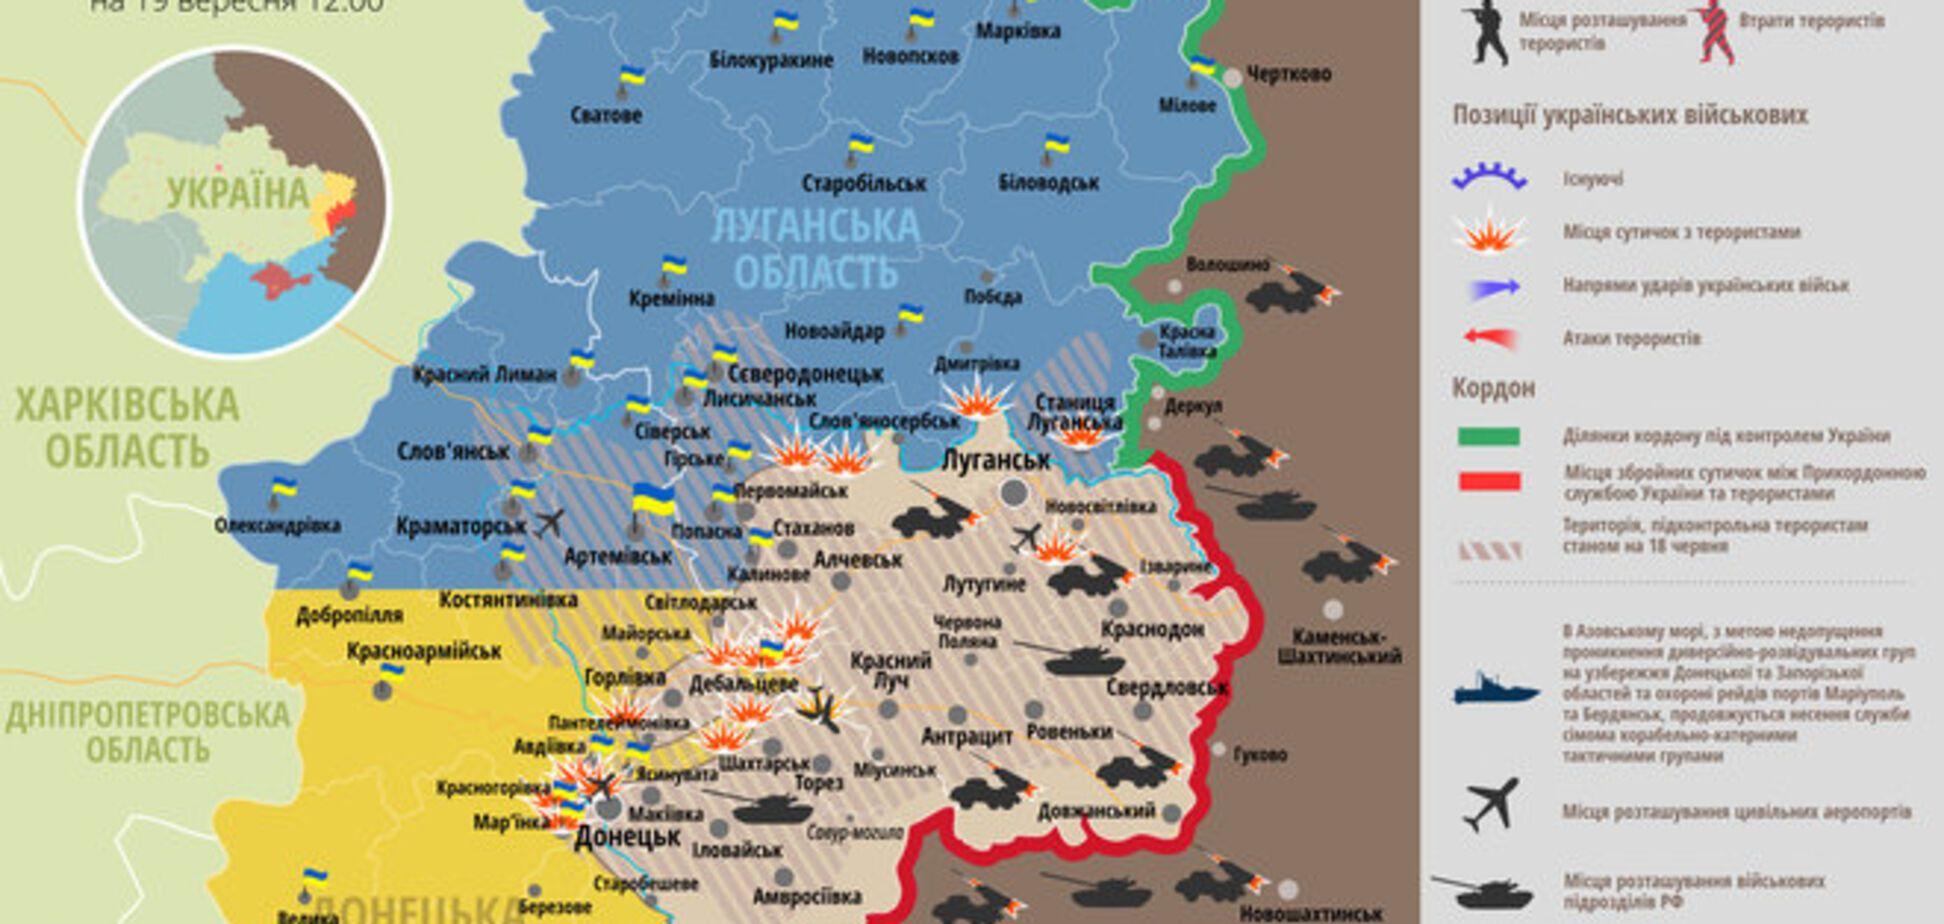 Террористы и войска РФ нанесли ракетные удары по силовикам: карта зоны АТО